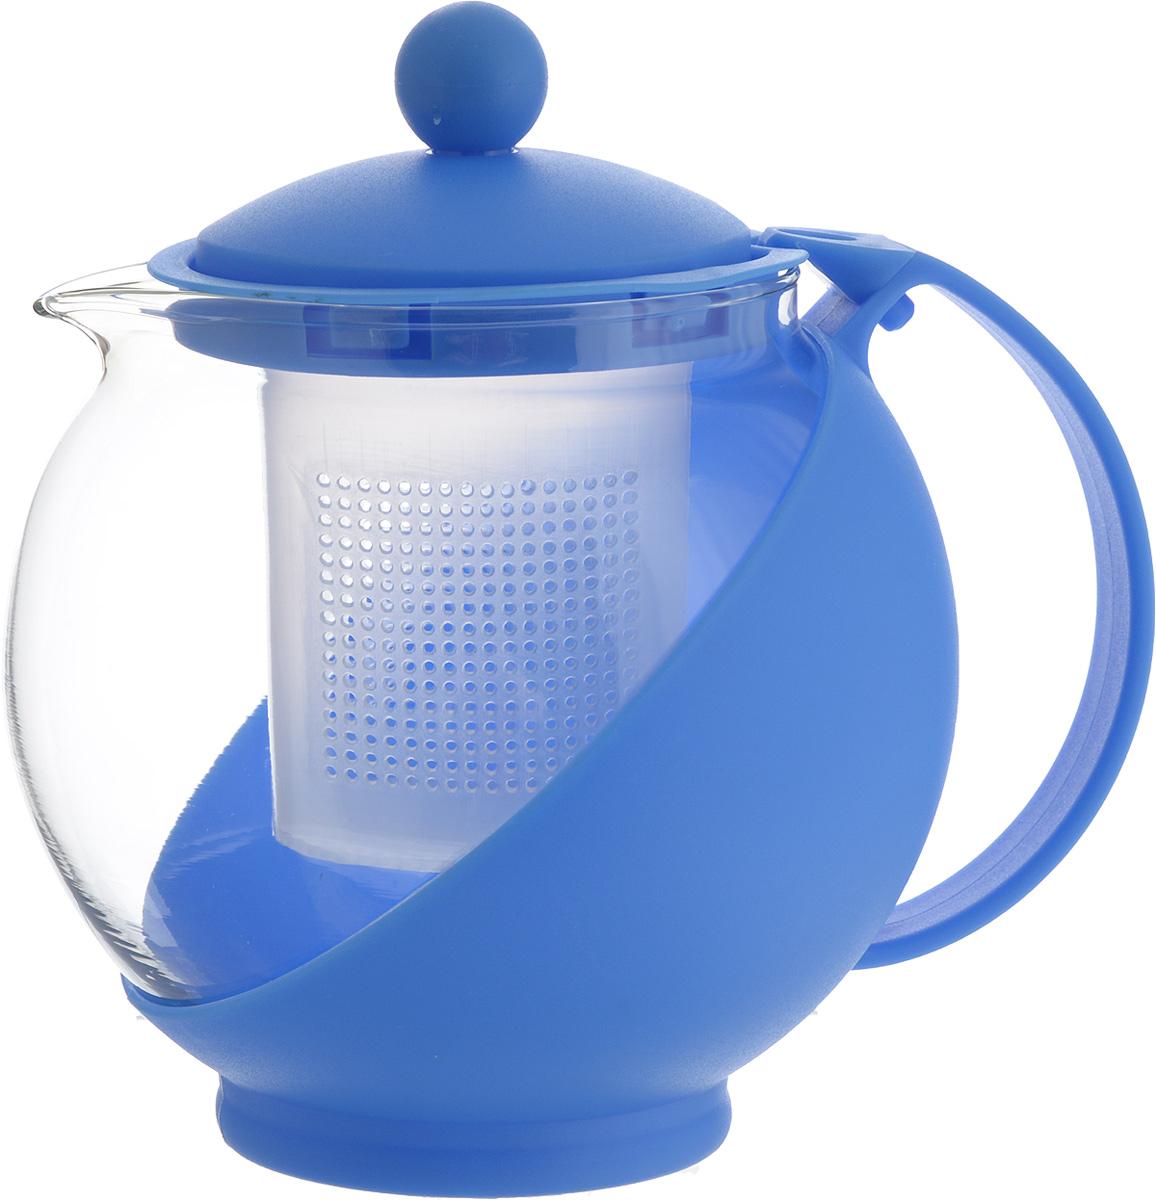 Чайник заварочный Wellberg Aqual, с фильтром, цвет: прозрачный, синий, 750 млVT-1520(SR)Заварочный чайник Wellberg Aqual изготовлен из высококачественного пластика и жаропрочного стекла. Чайник имеет пластиковый фильтр и оснащен удобной ручкой. Он прекрасно подойдет для заваривания чая и травяных напитков. Такой заварочный чайник займет достойное место на вашей кухне.Высота чайника (без учета крышки): 11,5 см.Высота чайника (с учетом крышки): 14 см. Диаметр (по верхнему краю) 7 см.